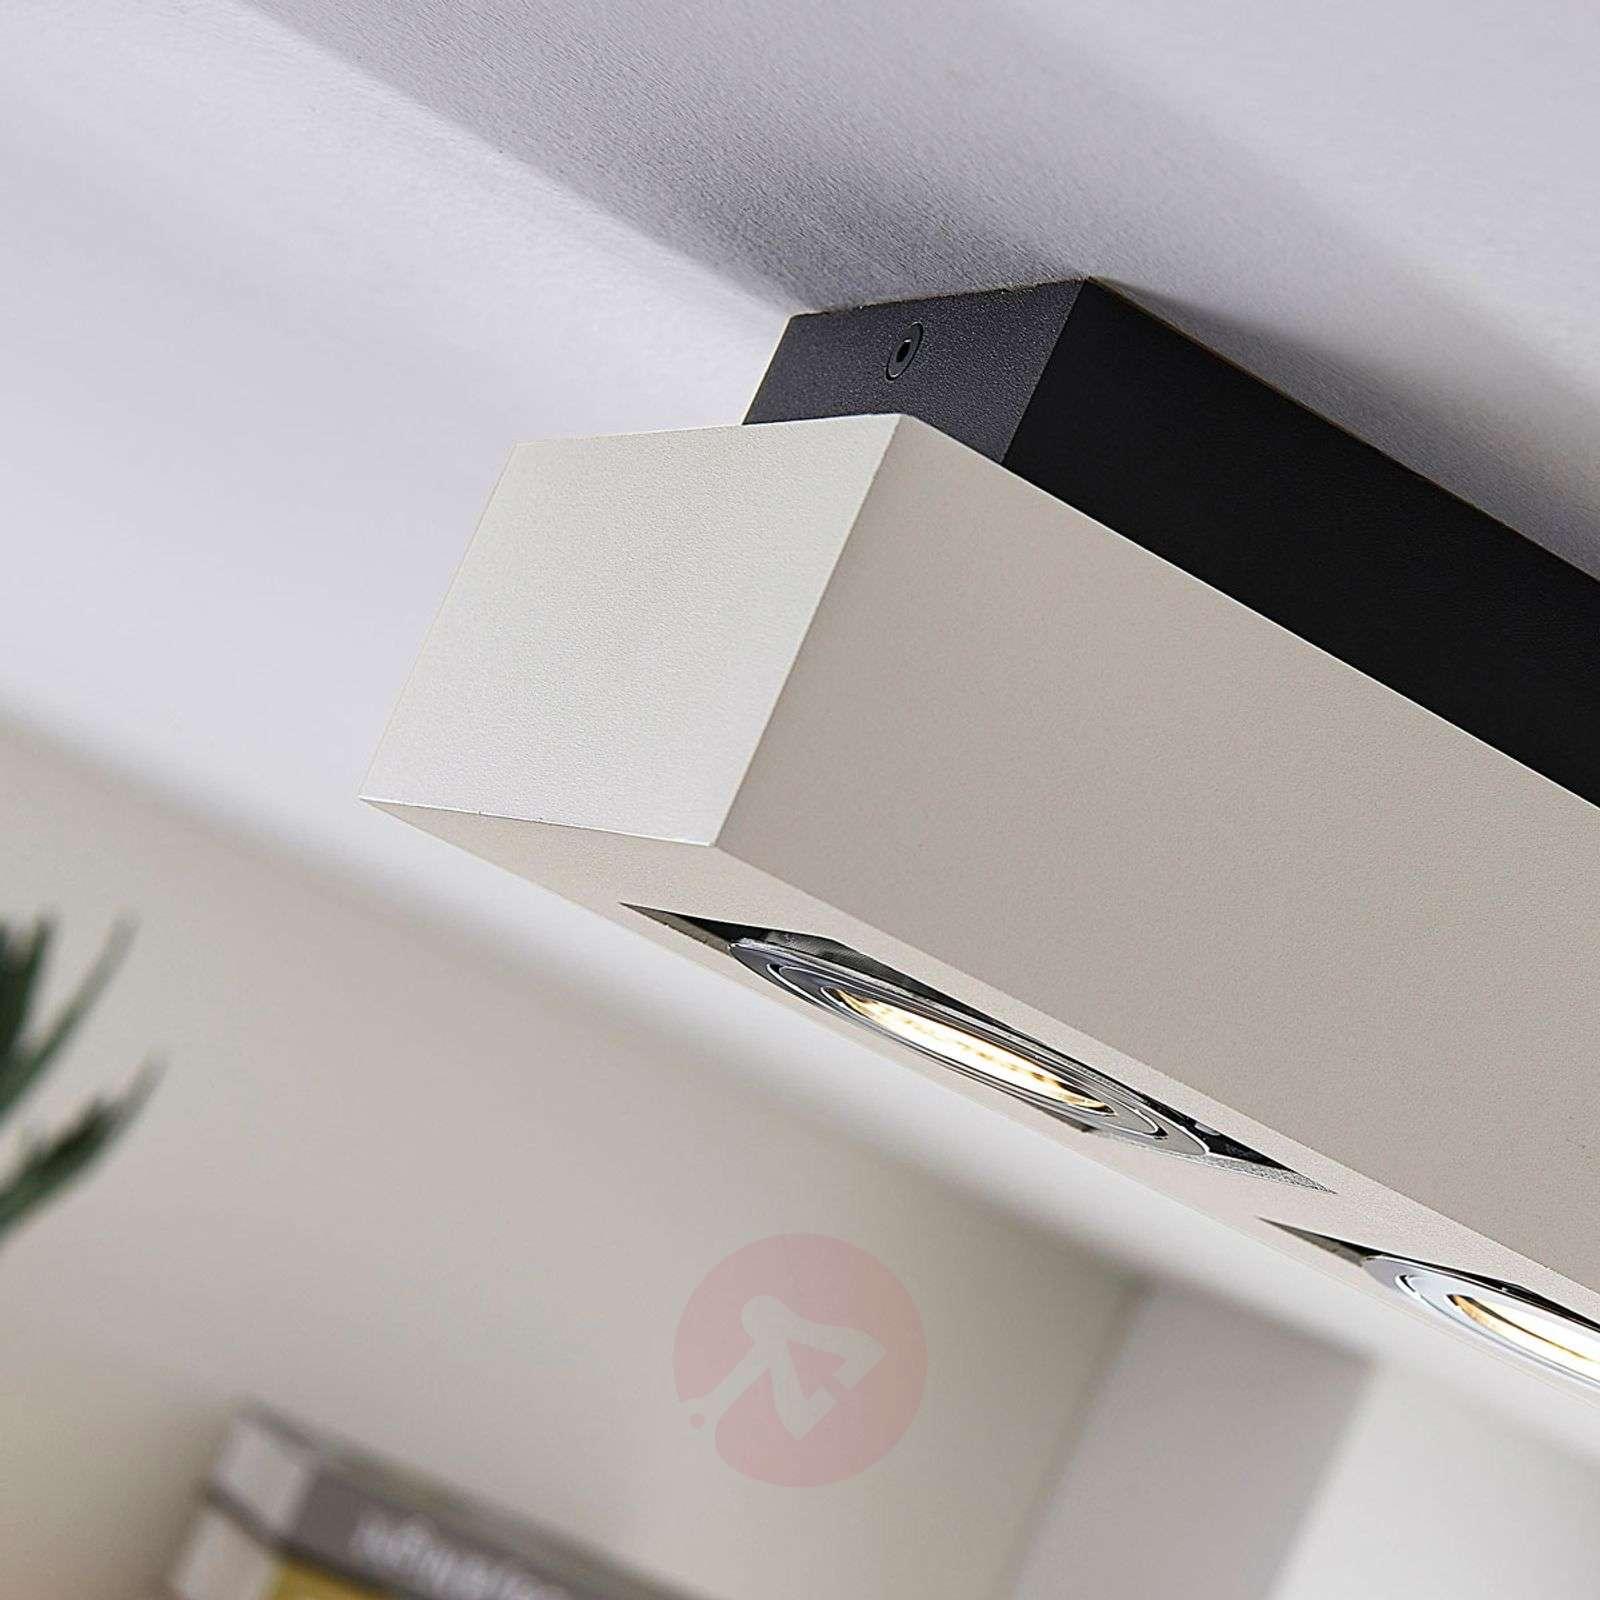 Kolmilamppuinen LED-kattovalaisin Vince valkoisena-9620458-01